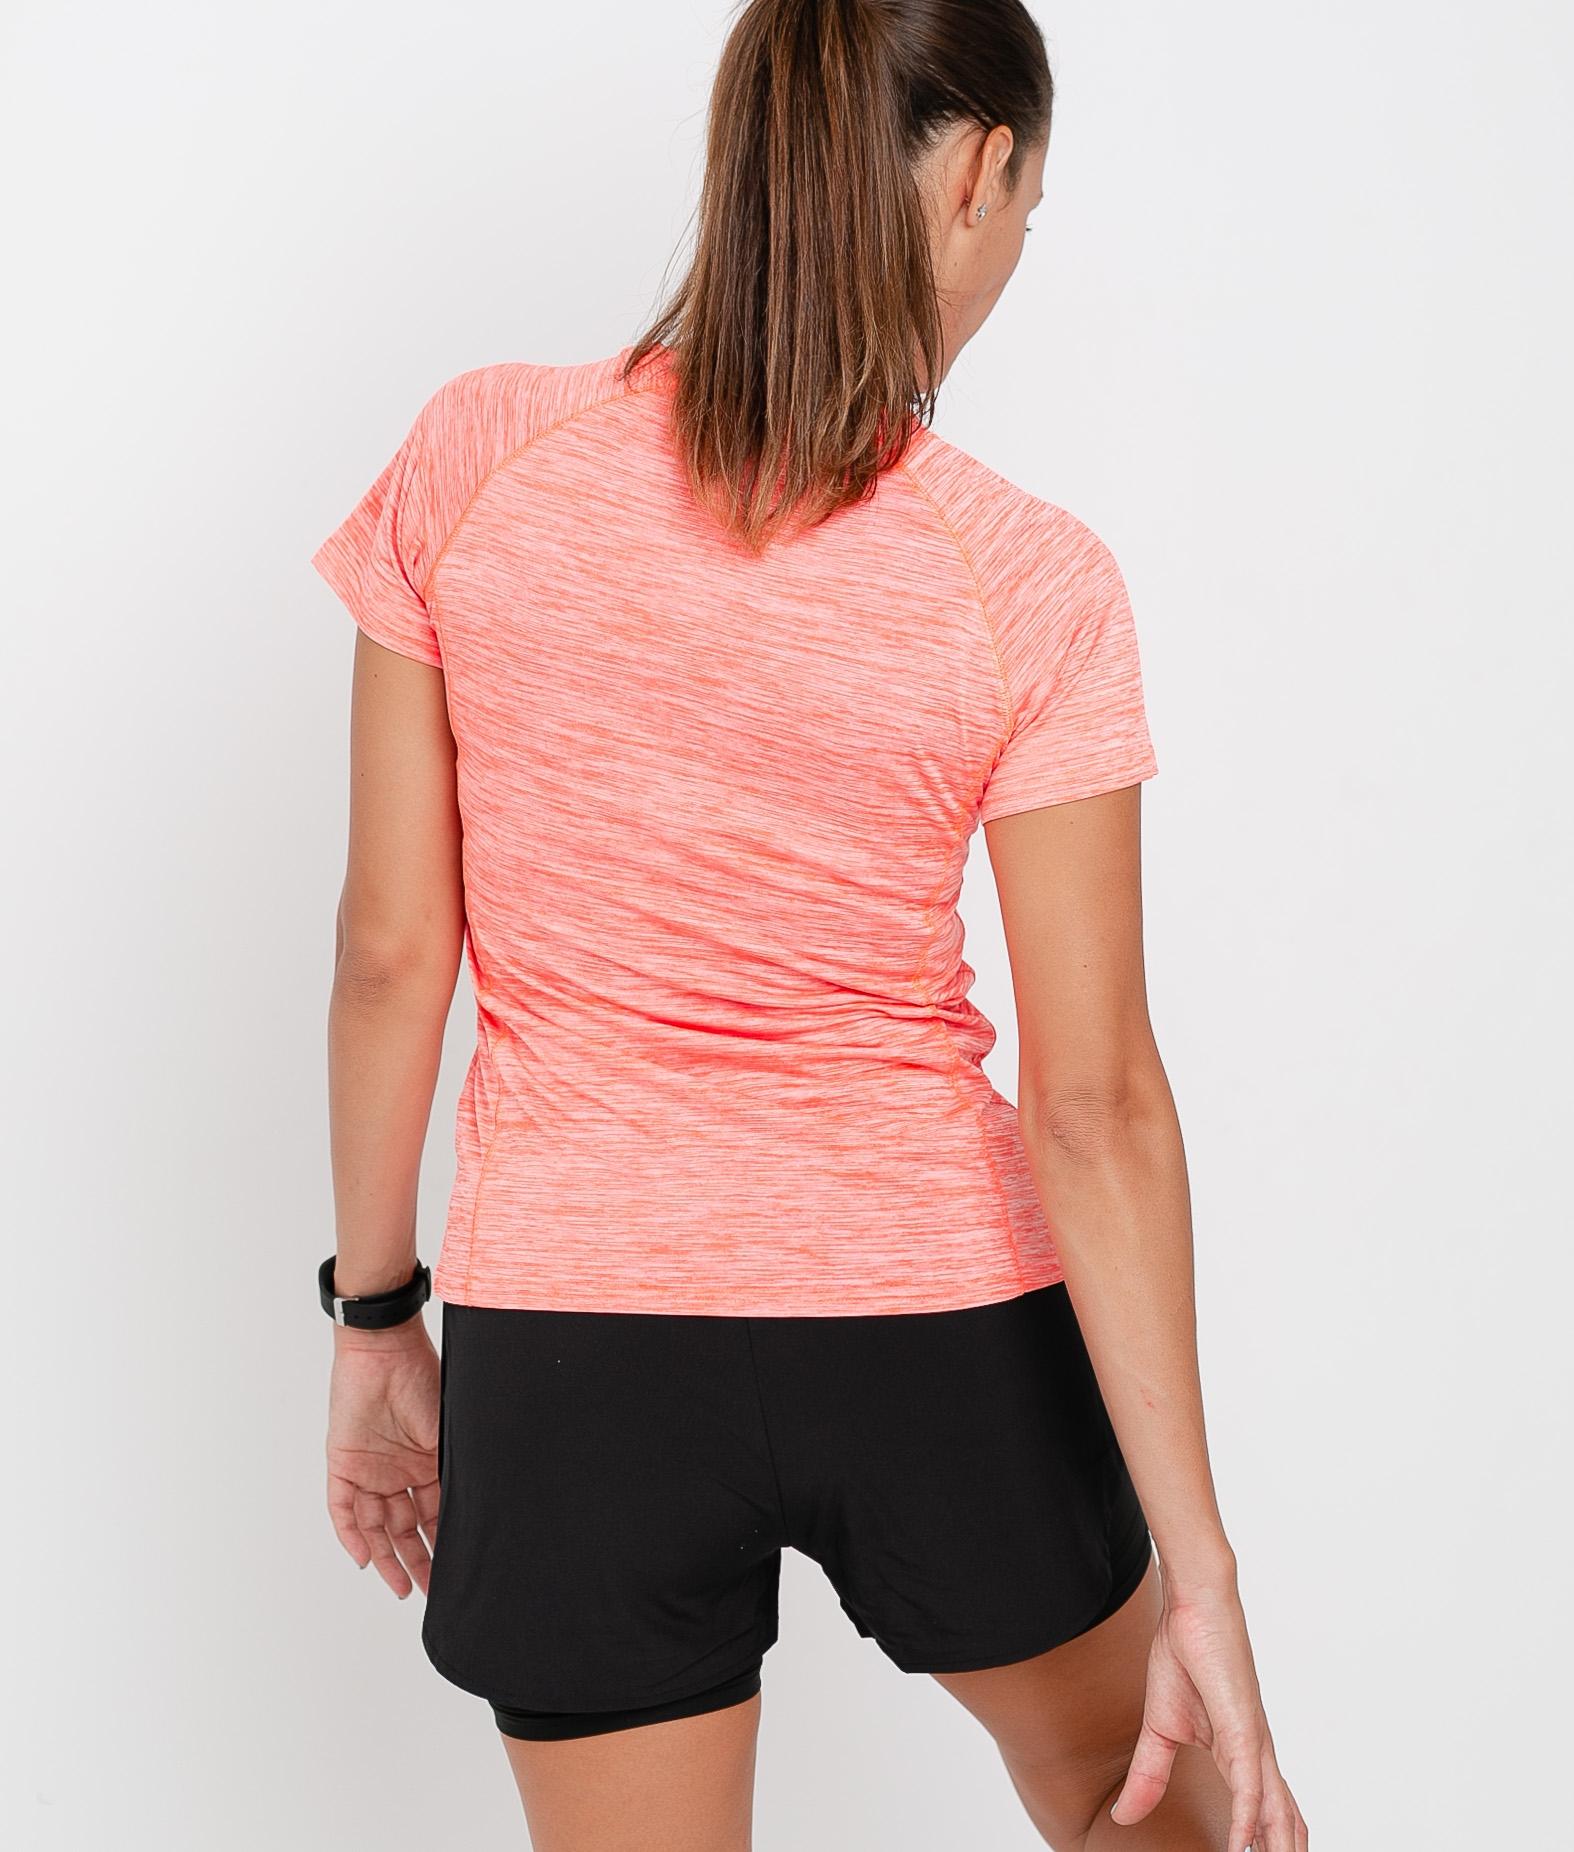 Camiseta Leira - Coral Flúor